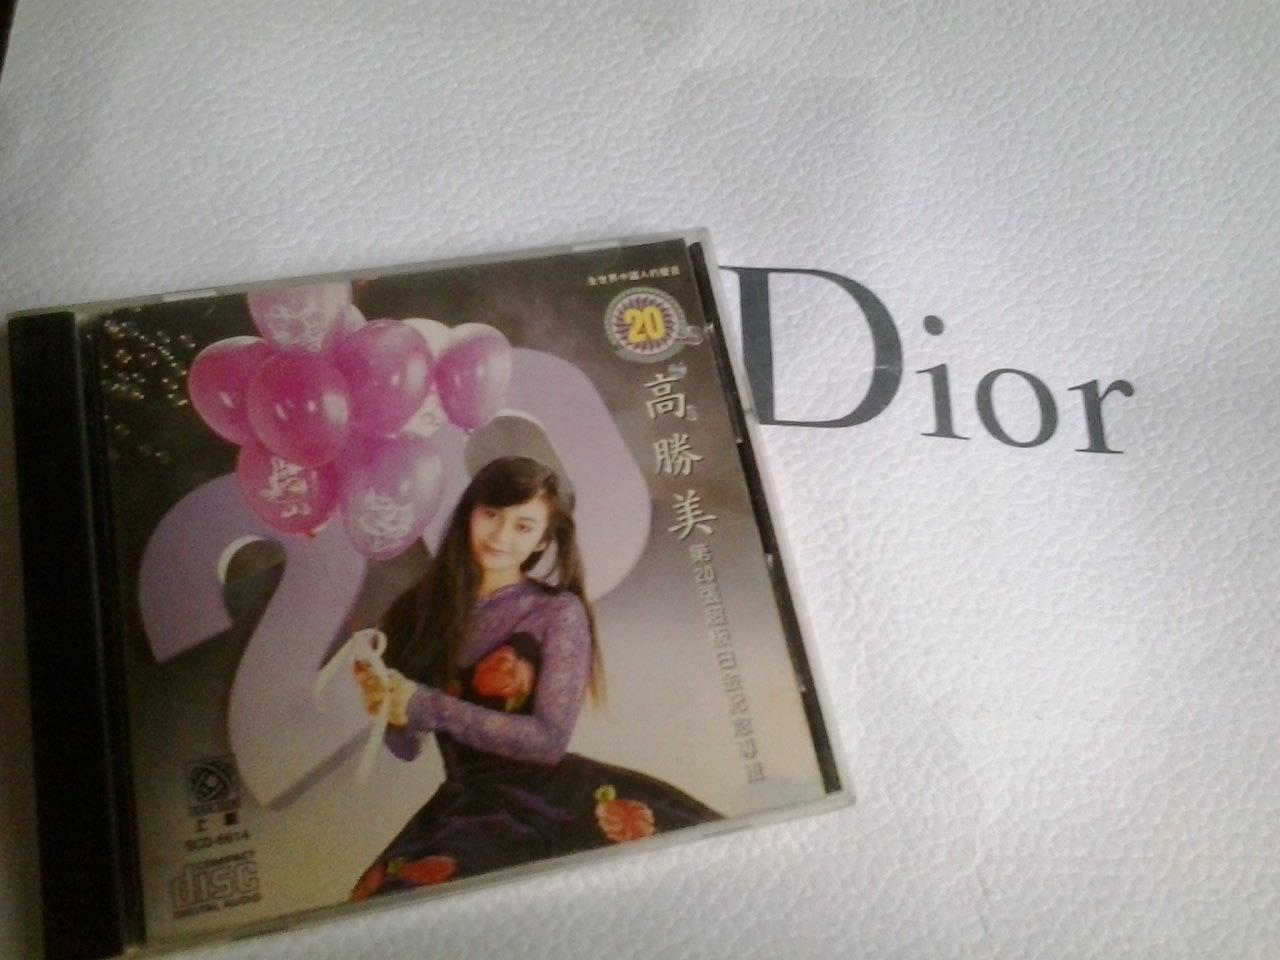 高勝美-雷射金曲14說起了我的夢(MASTERED IN THE USA,CD無刮傷細紋,僅有幾處小斑點)CD...